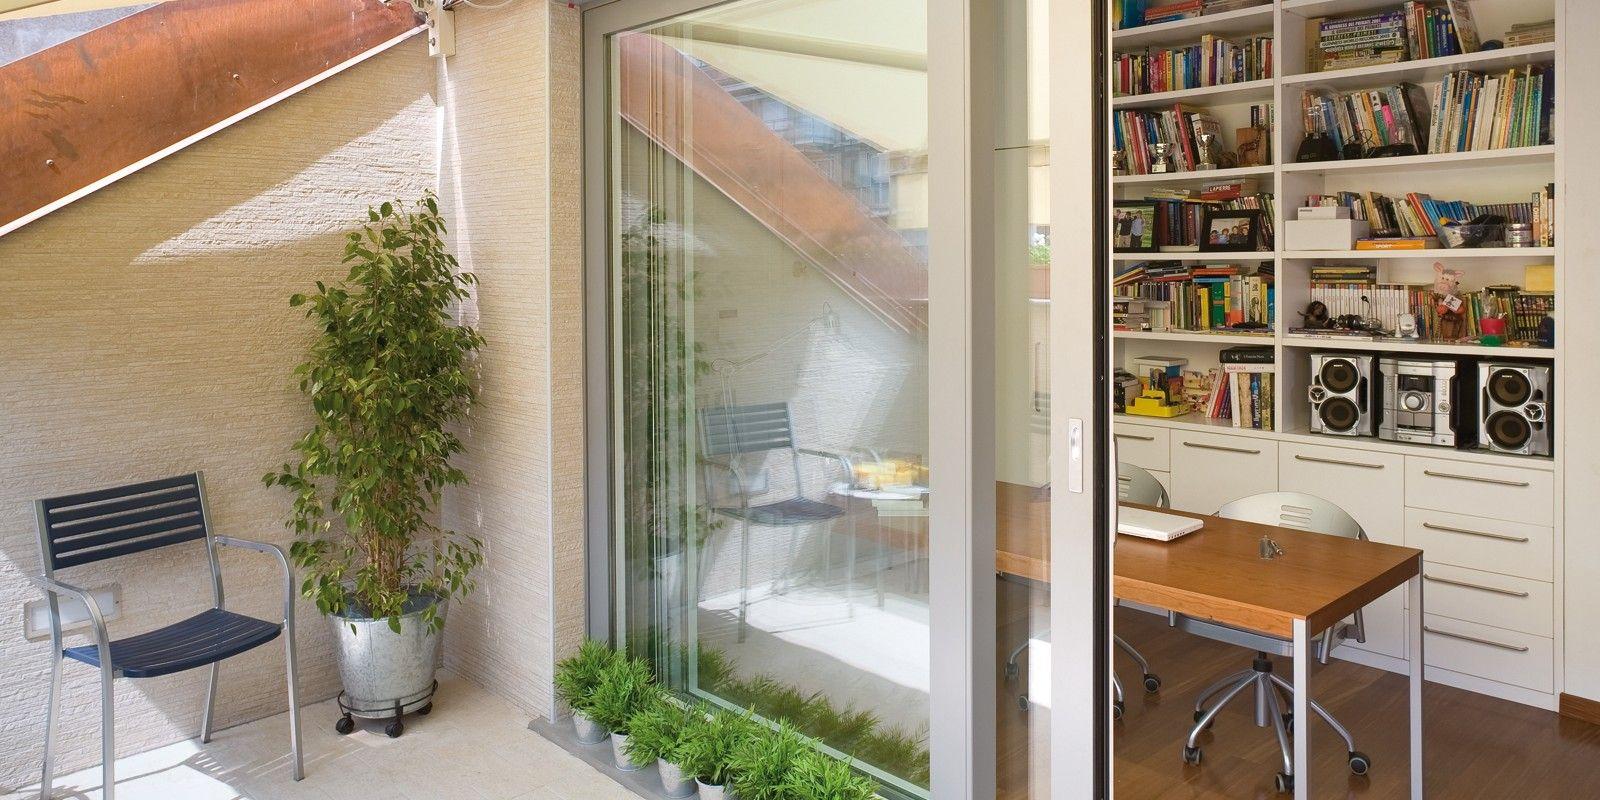 Costruire un balcone nel tetto Tetto, Balconi, Spazi esterni